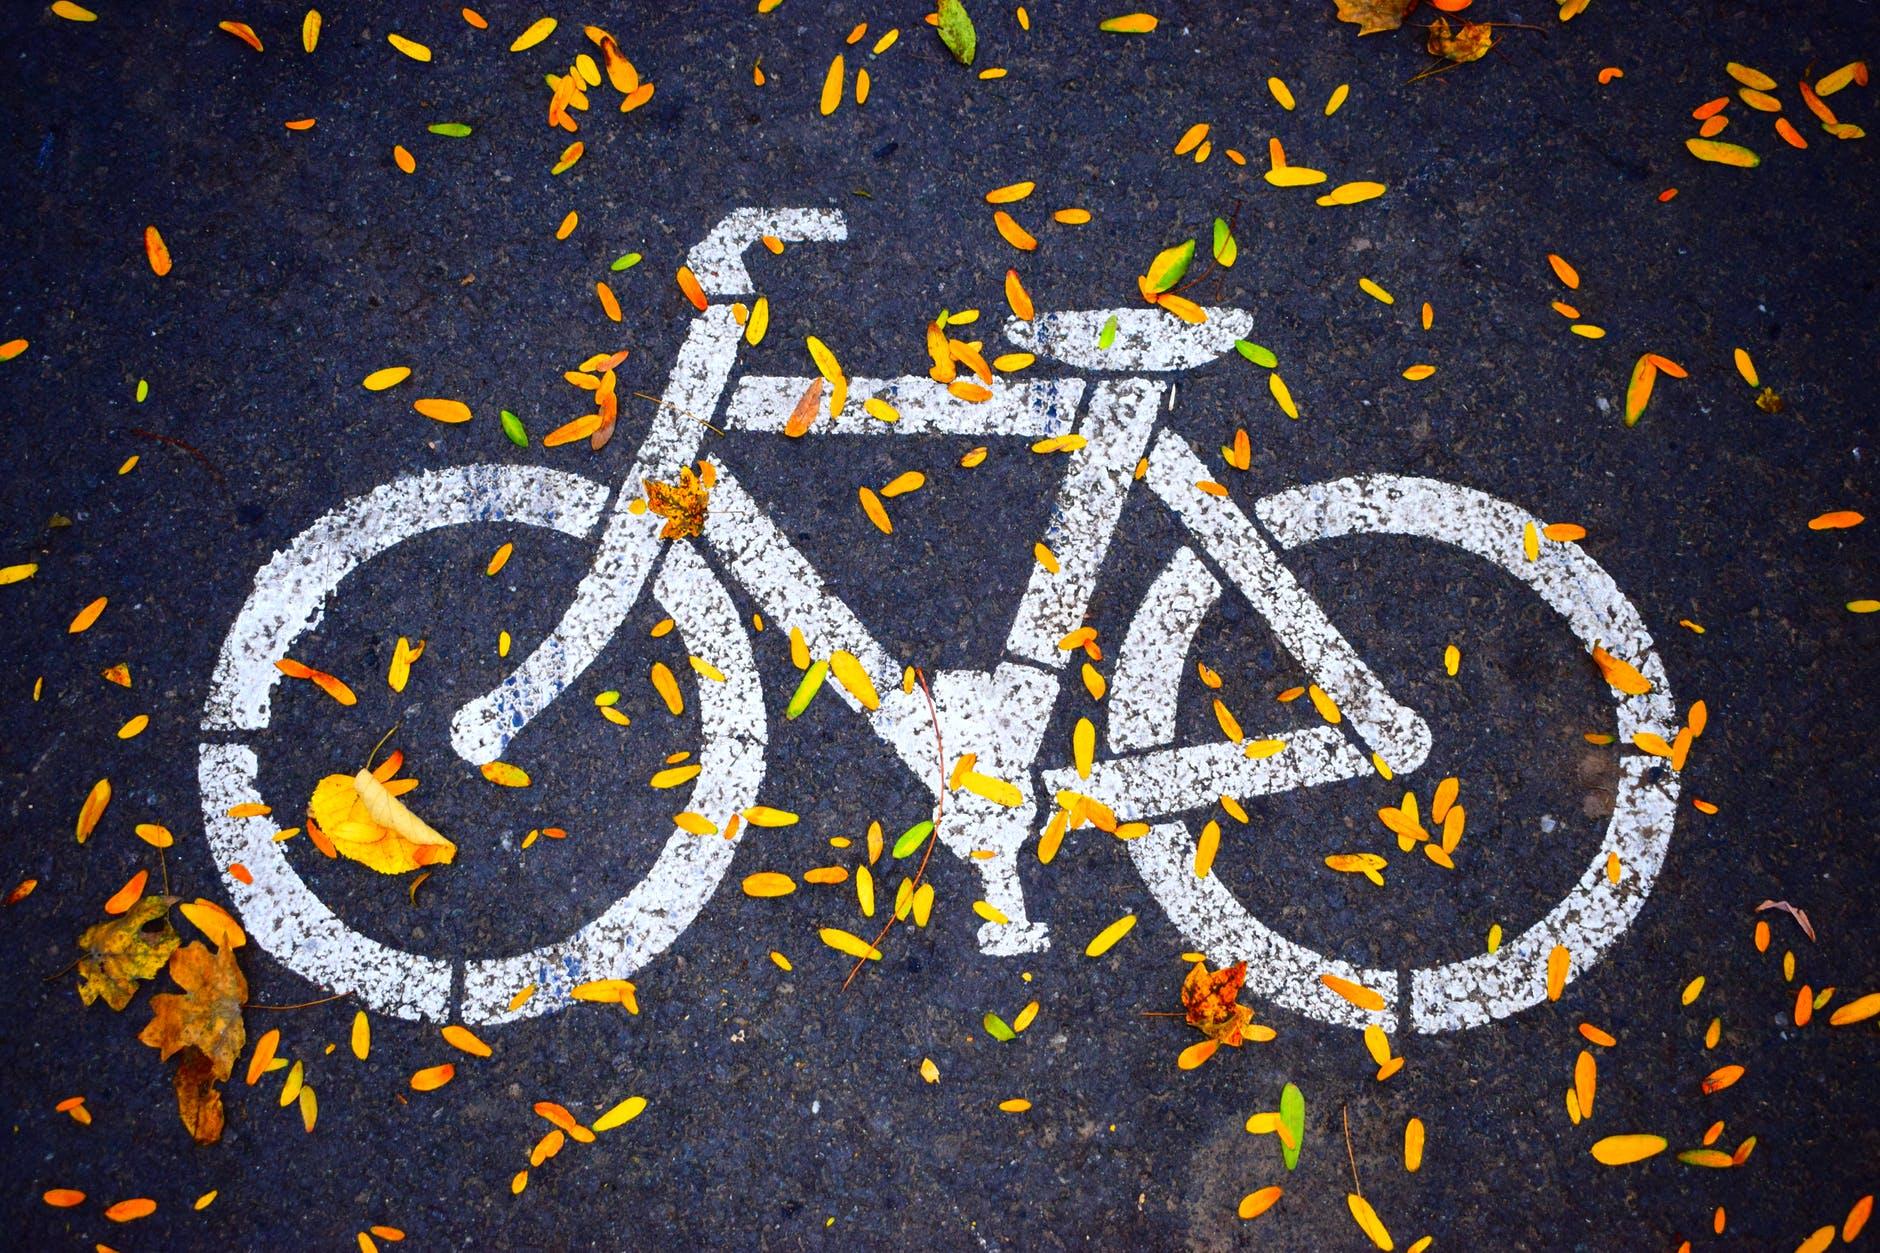 fiets-stimulering-avl